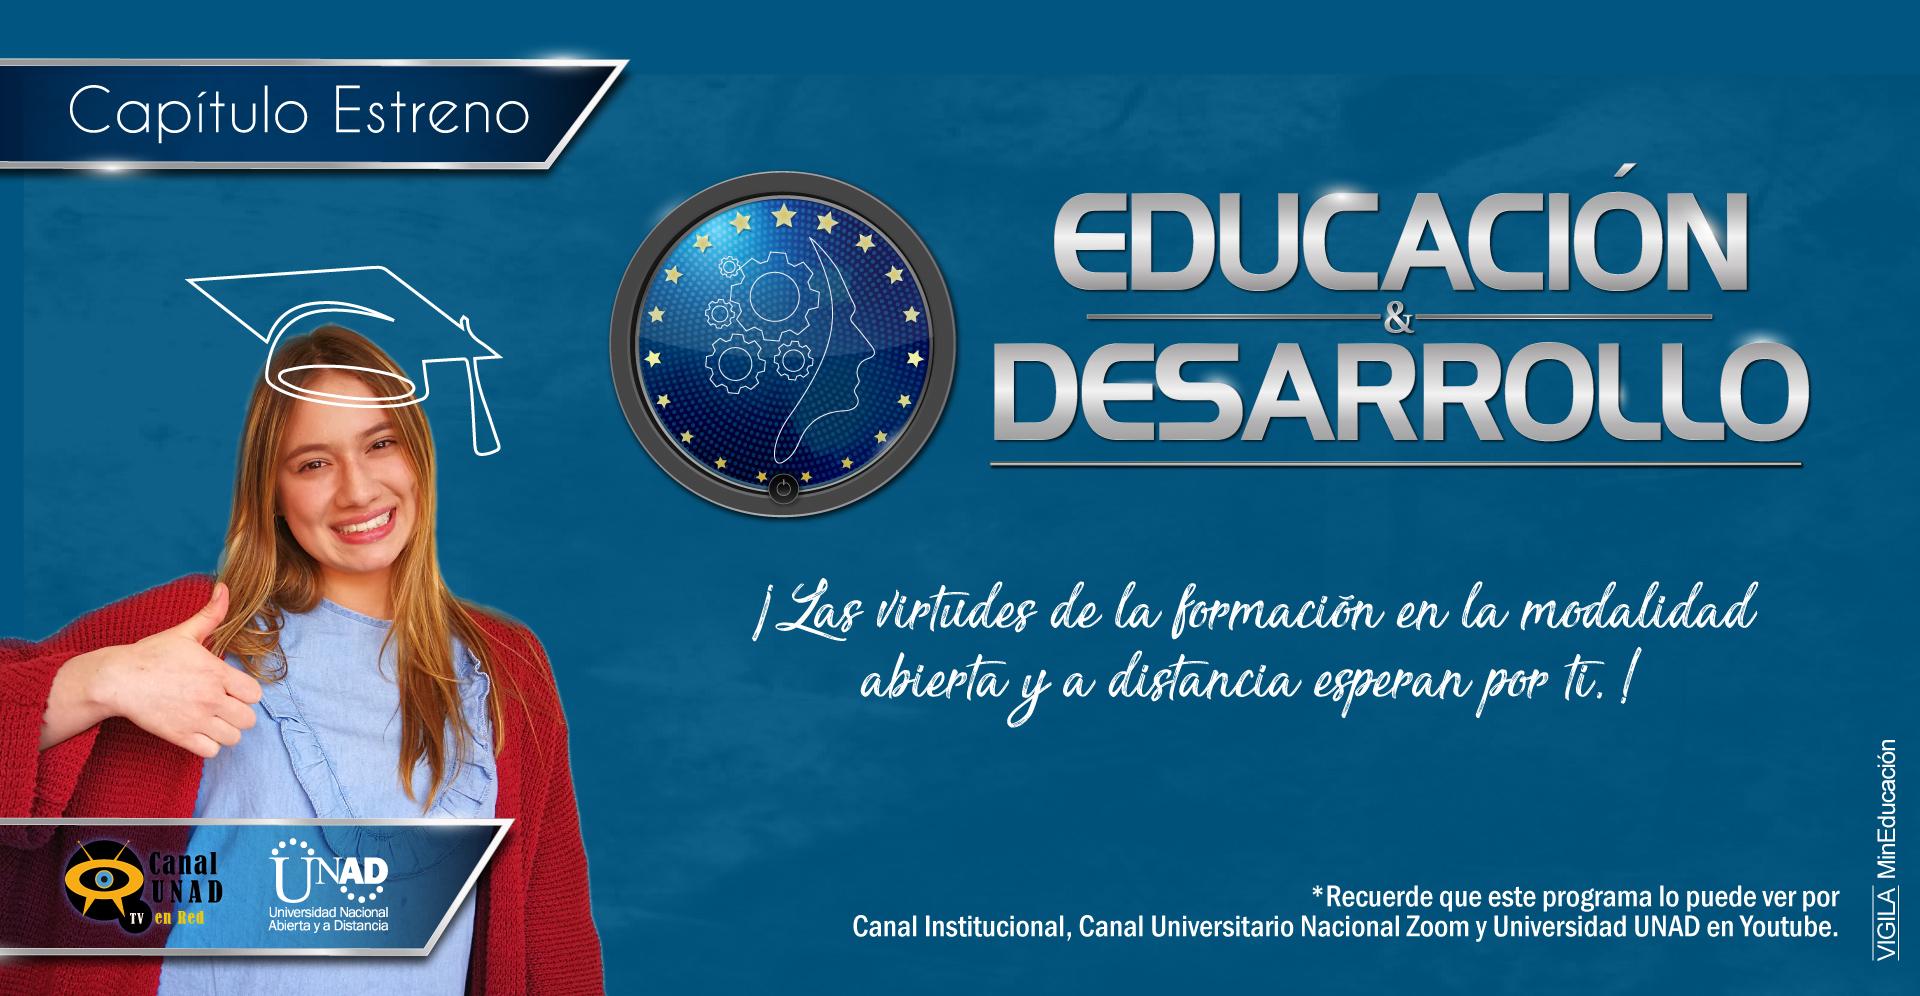 EDUCACIÓN DESARROLLO OFERTA ACADEMICA TV